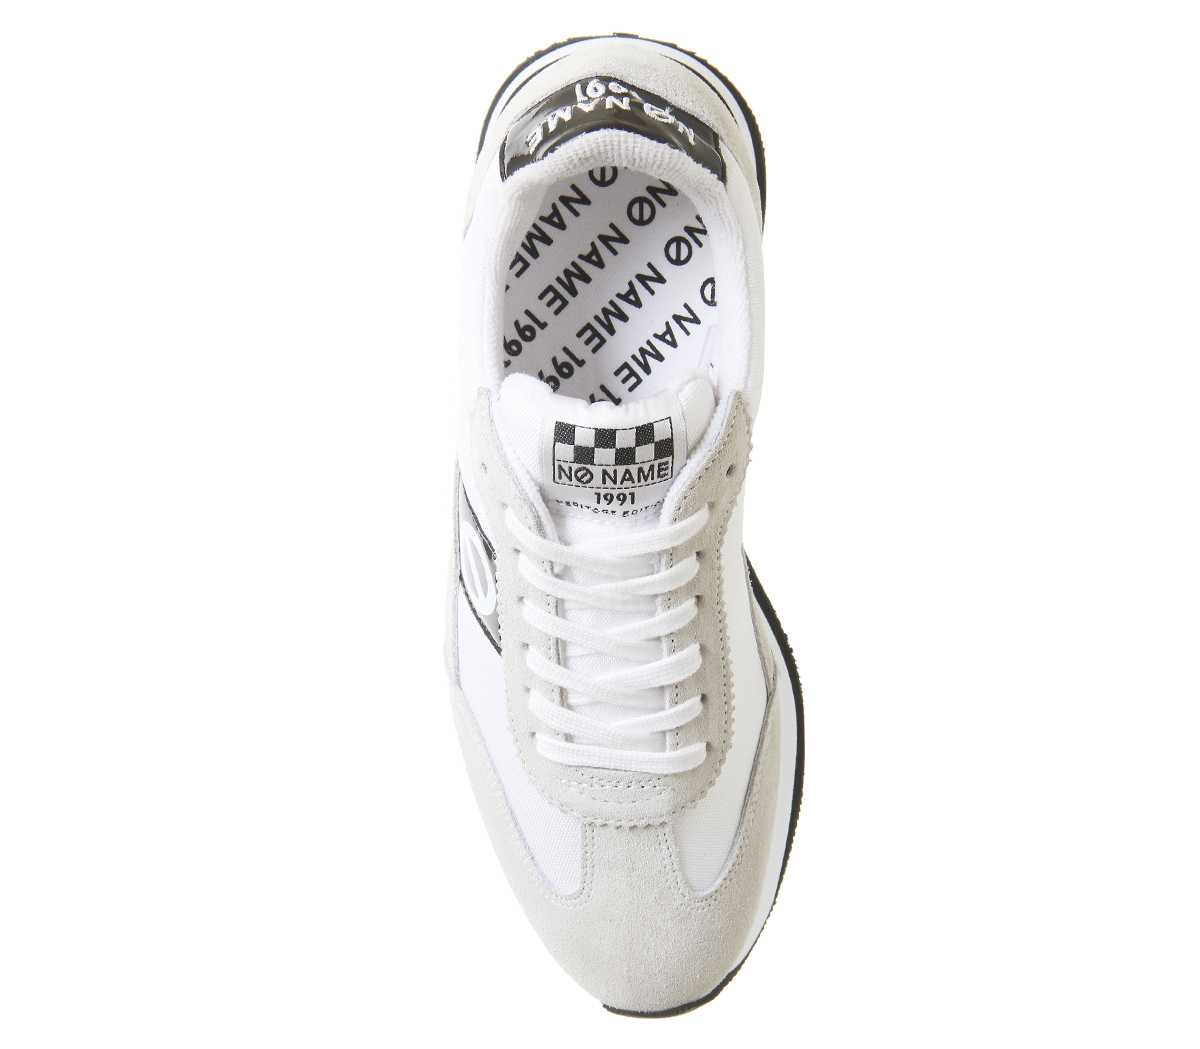 Zapatillas para nombre mujer sin nombre para Flex Jogger Blanco Zapatillas Zapatos c482fa